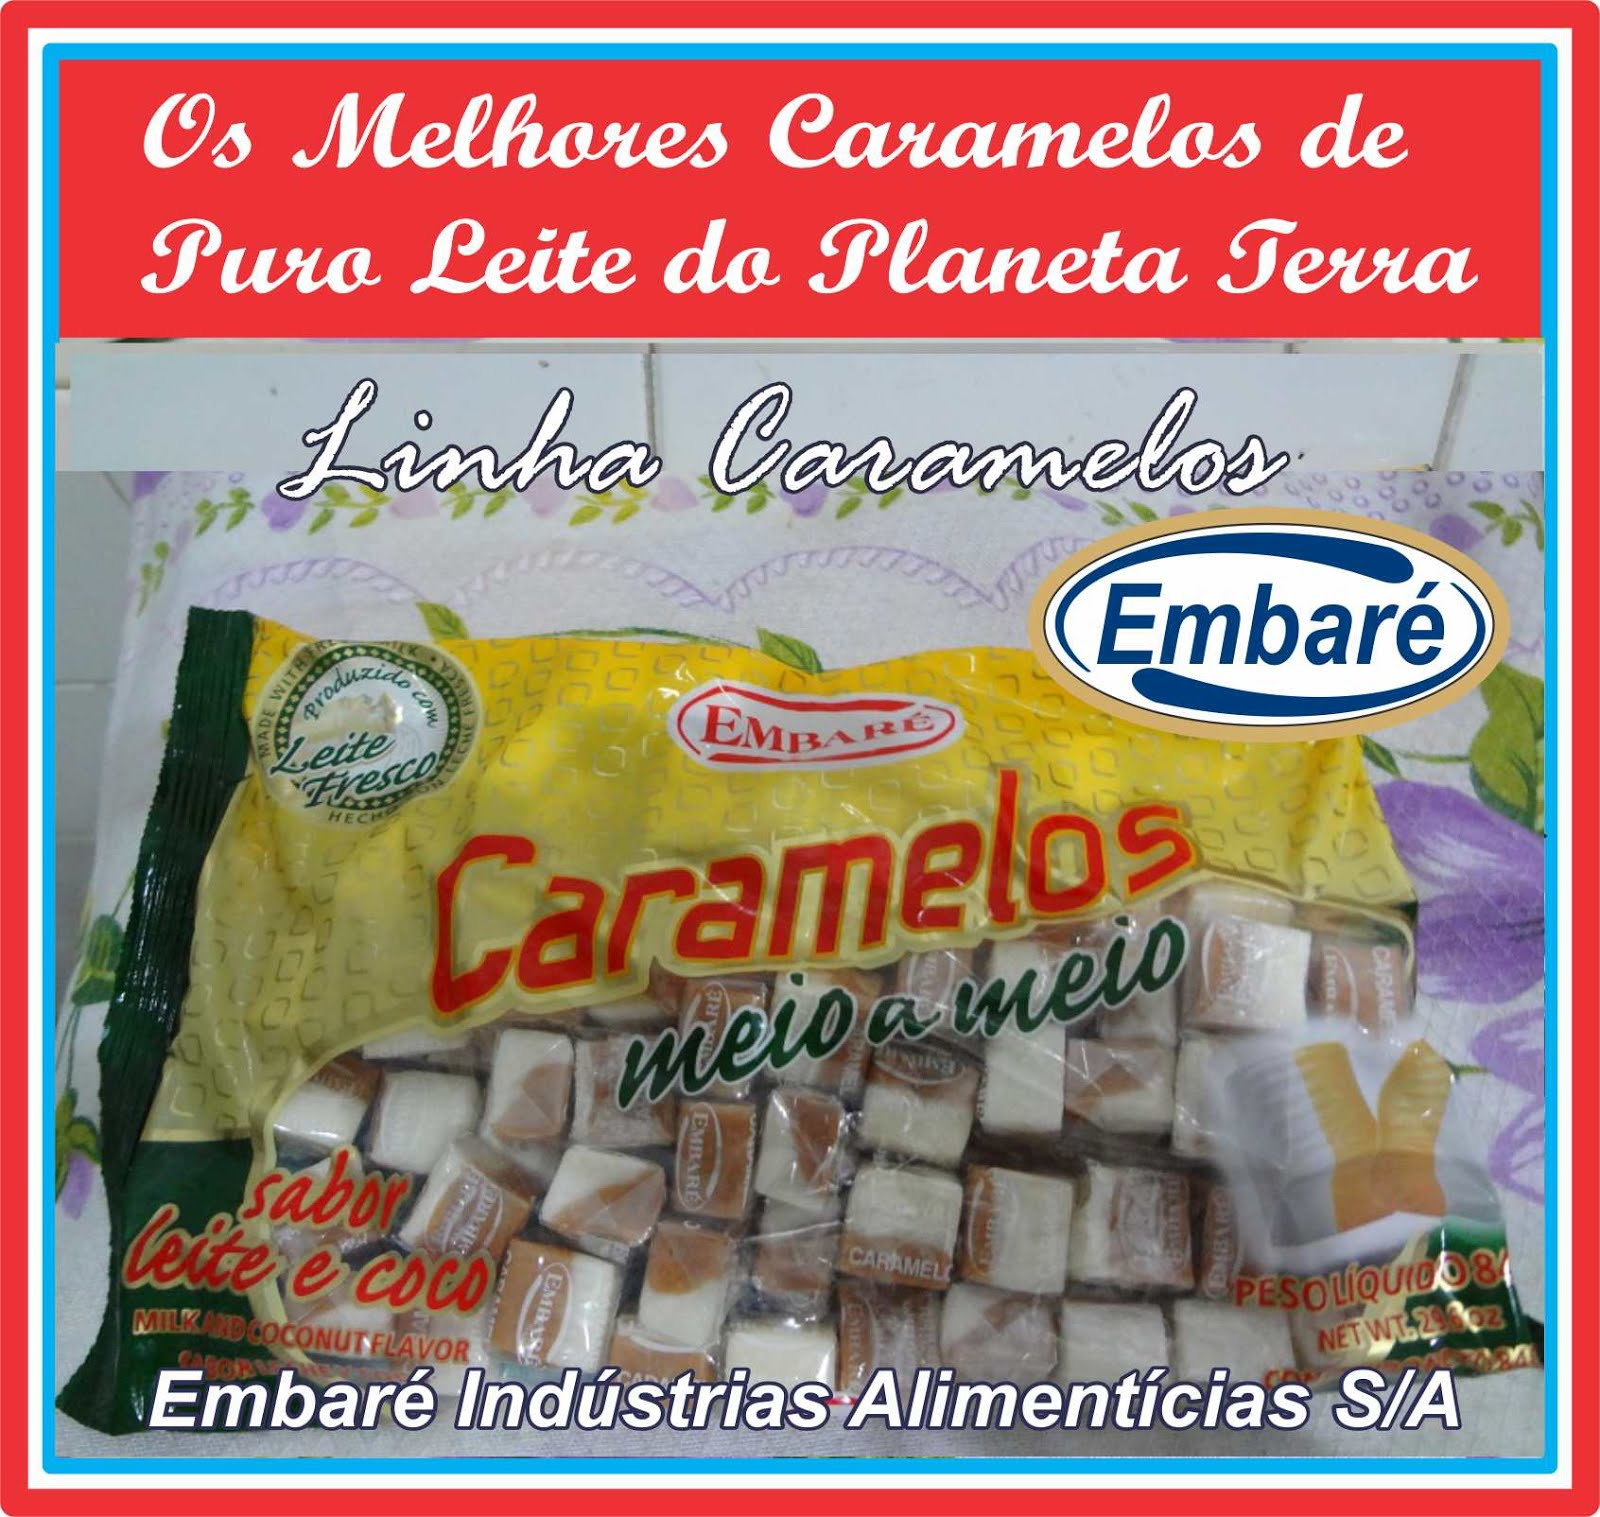 Os Melhores Caramelos de Puro Leite do Mundo